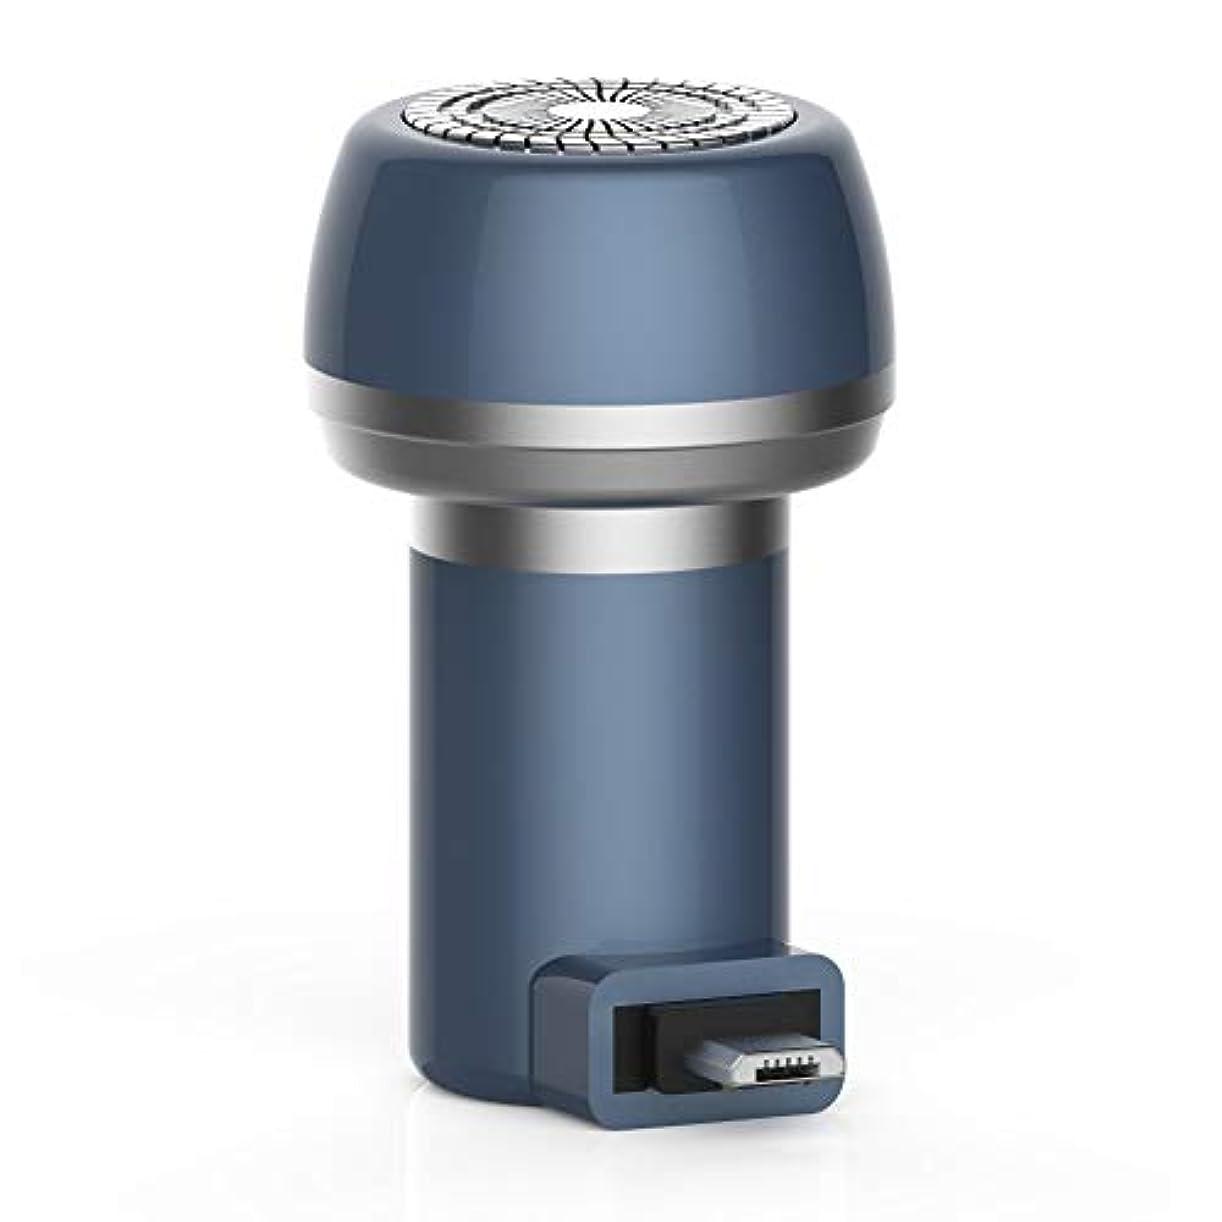 はず覗く財布Aylincool 2 1磁気電気シェーバーミニポータブルType-C USB防水剃刀